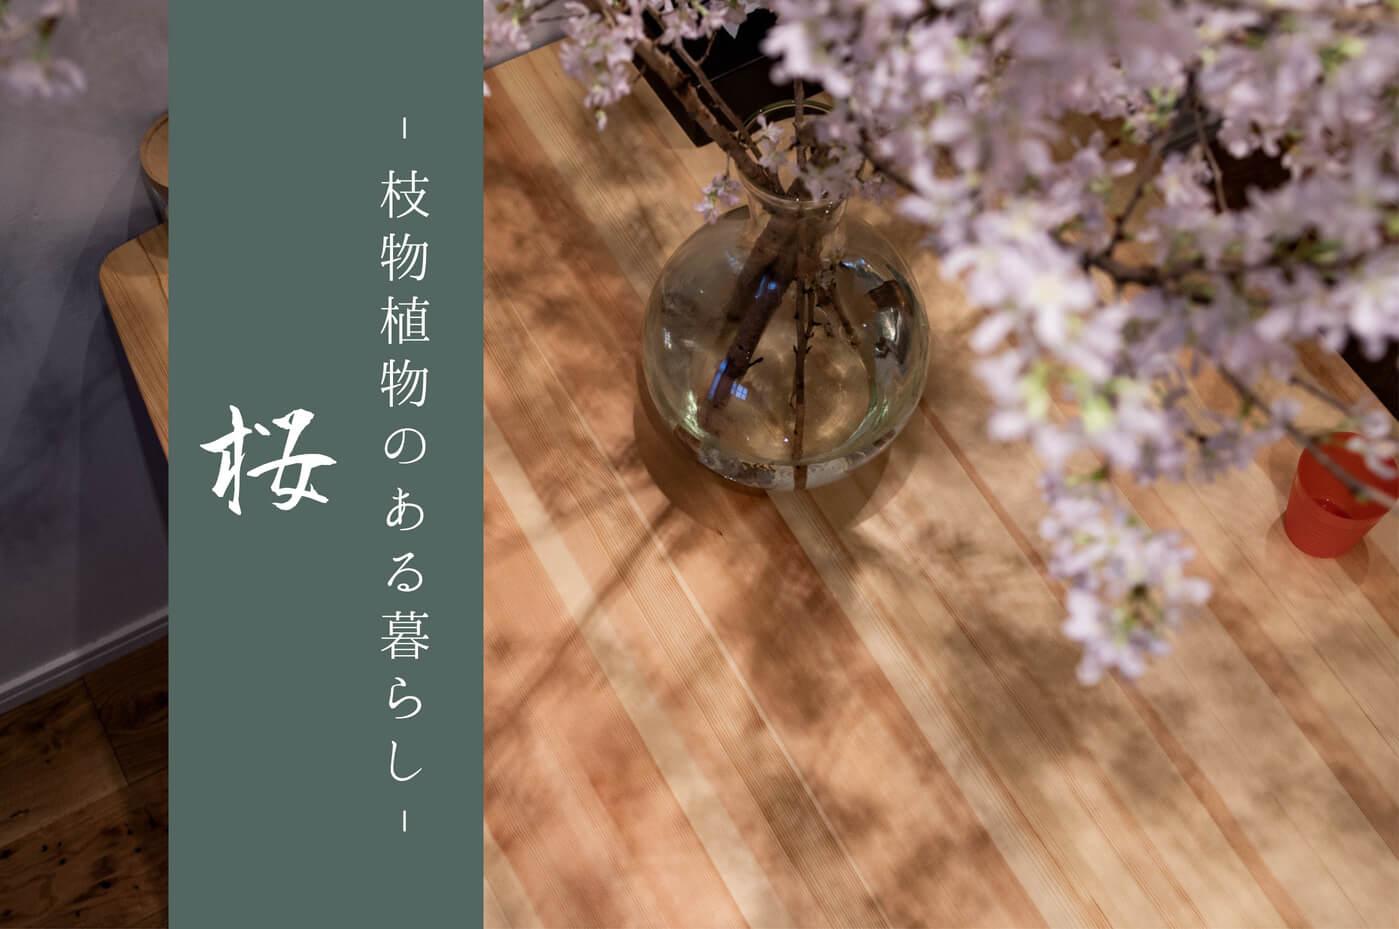 部屋に桜の枝を活ける贅沢:枝物植物のある暮らし No.02